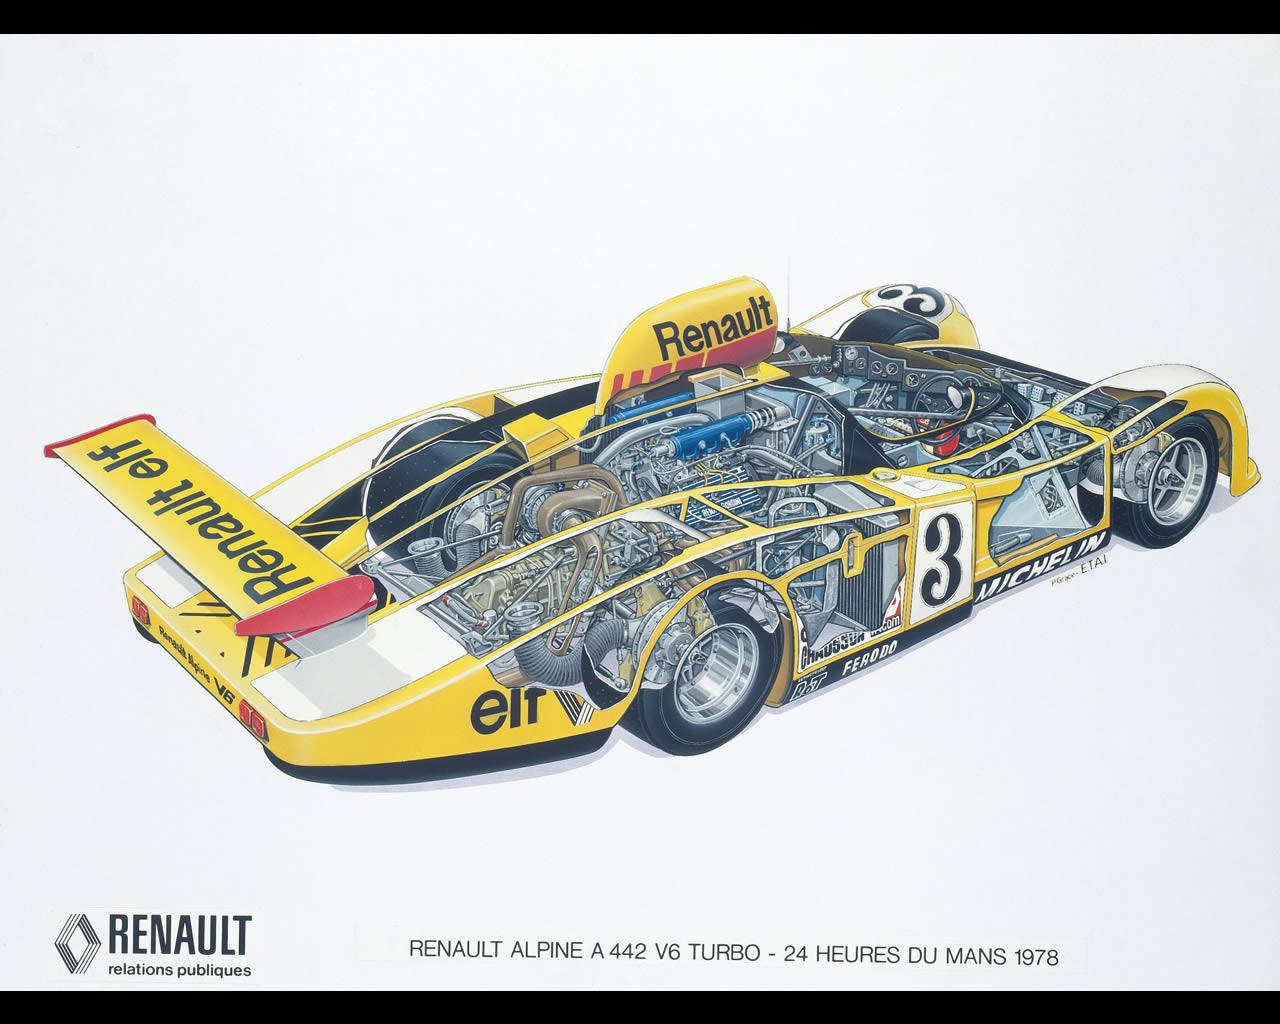 renault-alpine-a442-v6-gordini-le-mans-winner-1978-4.jpg